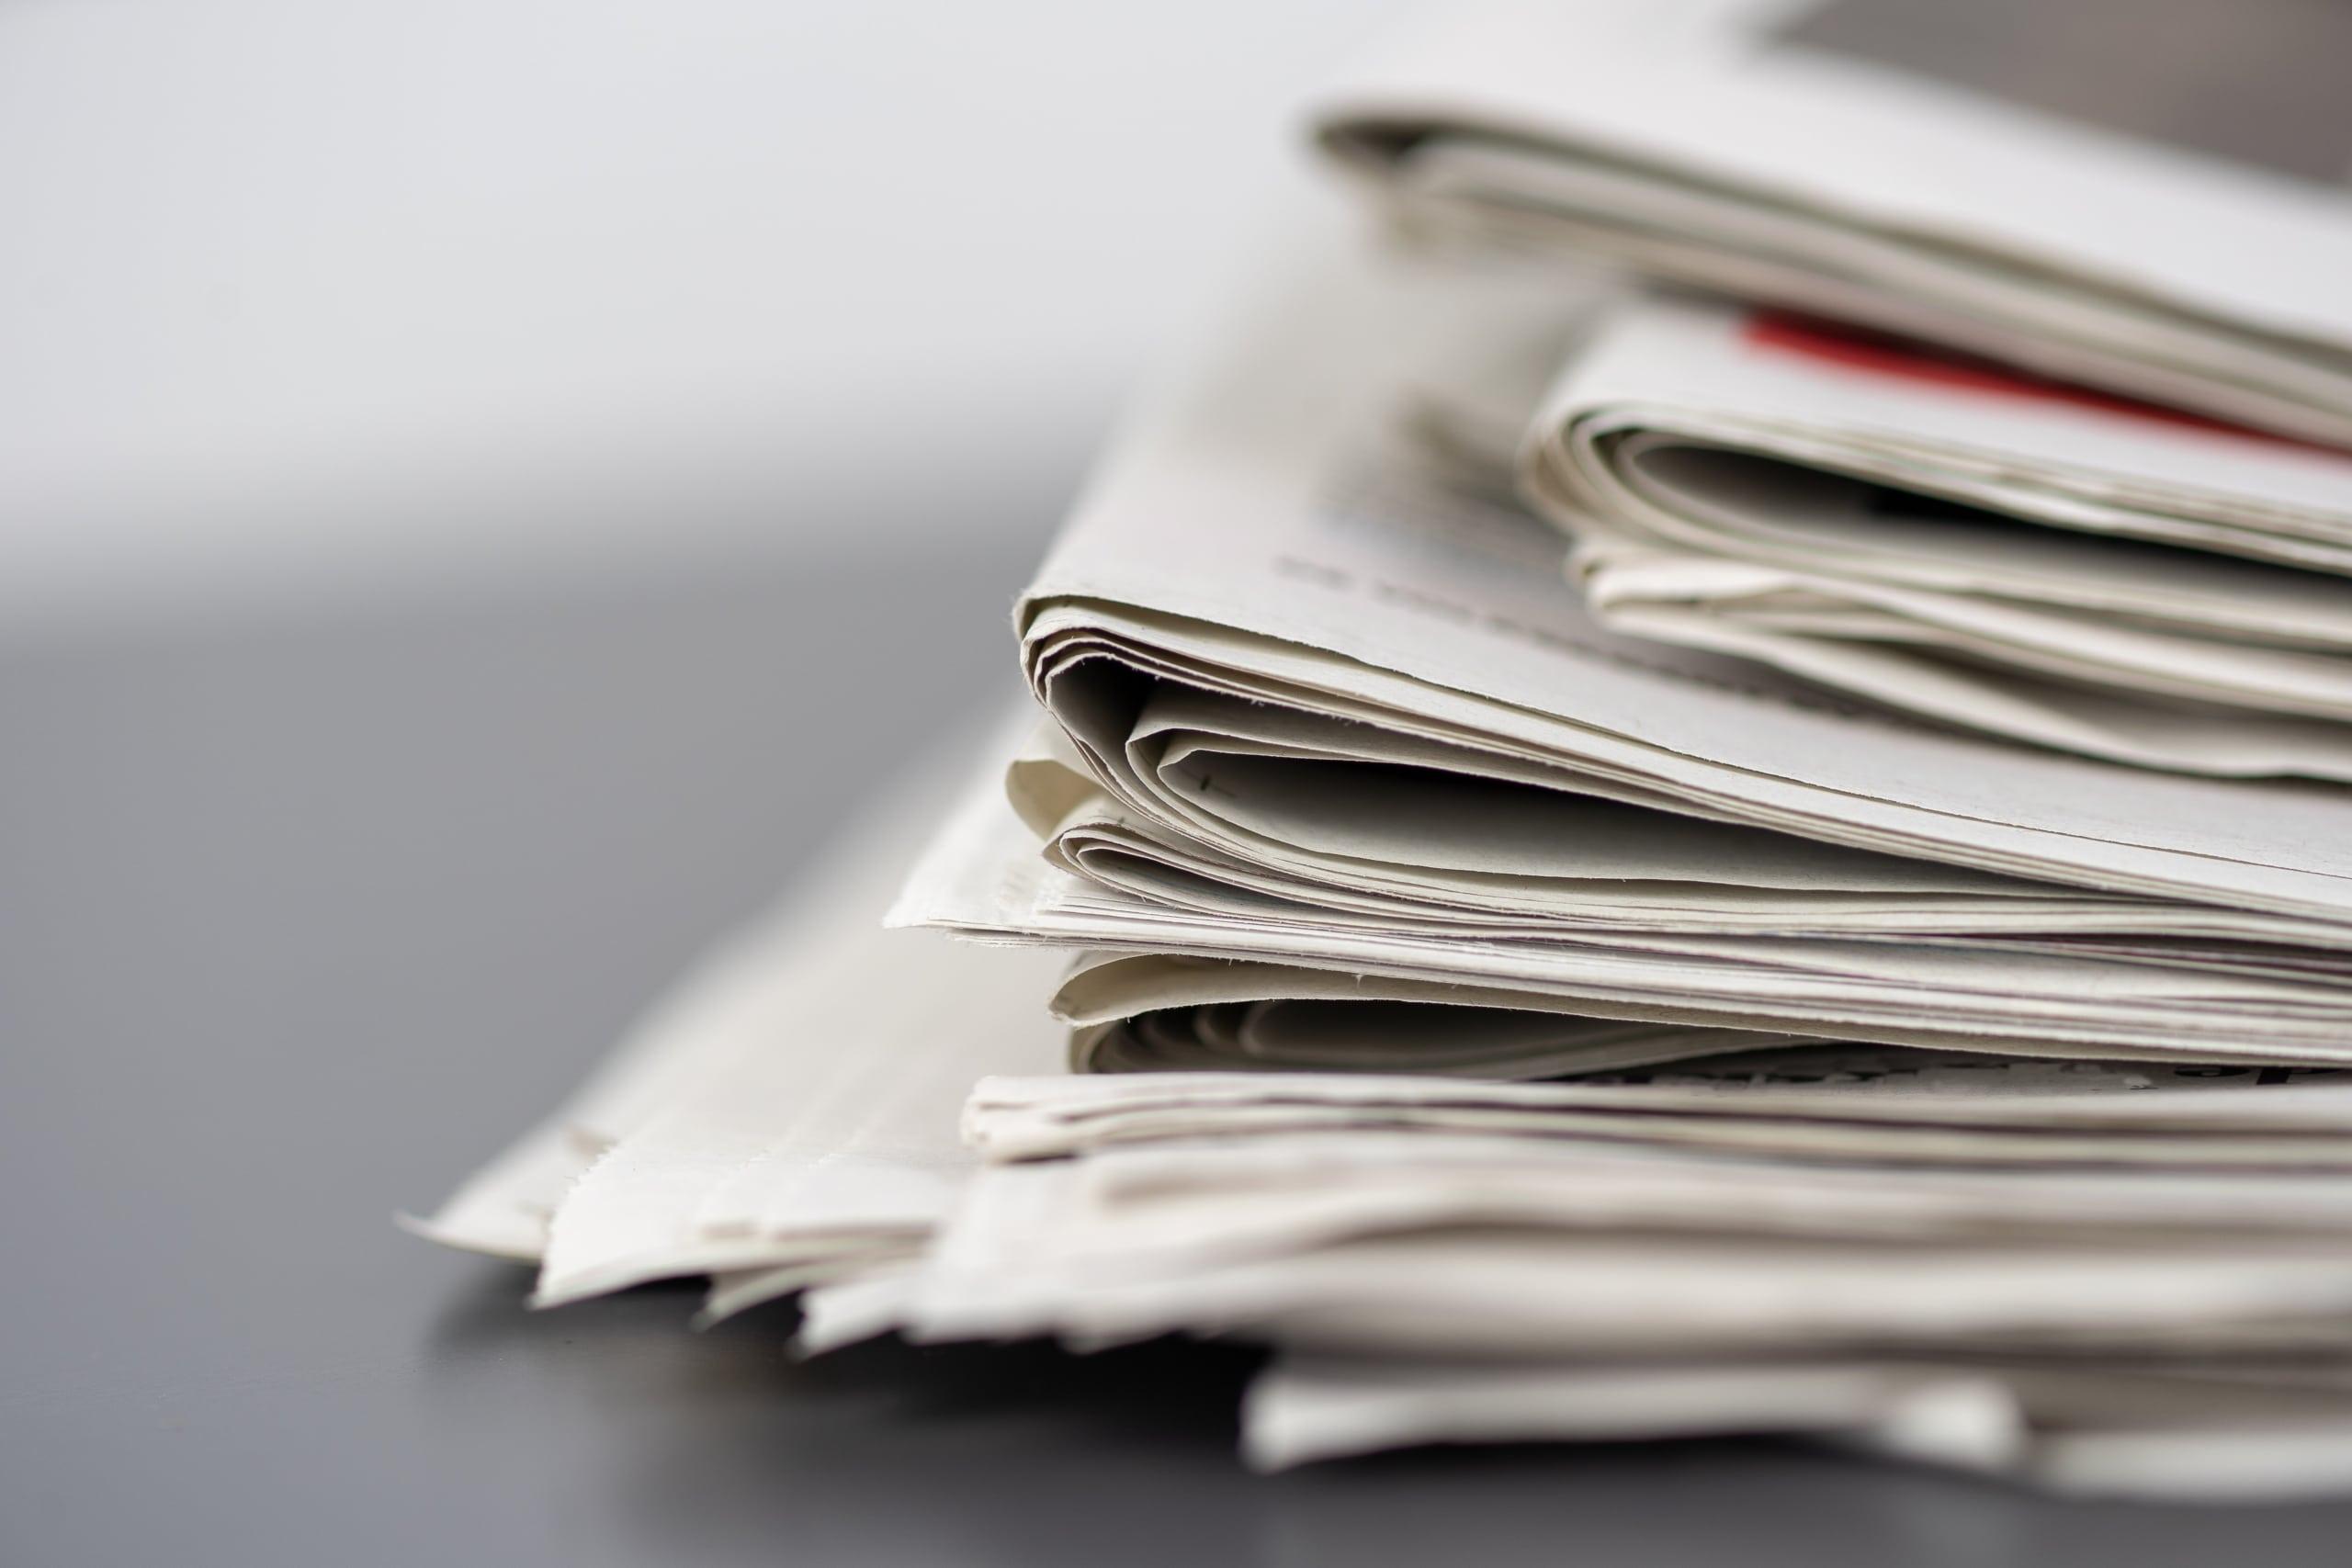 15 שנים להתנתקות – סיקורים מהתקשורת